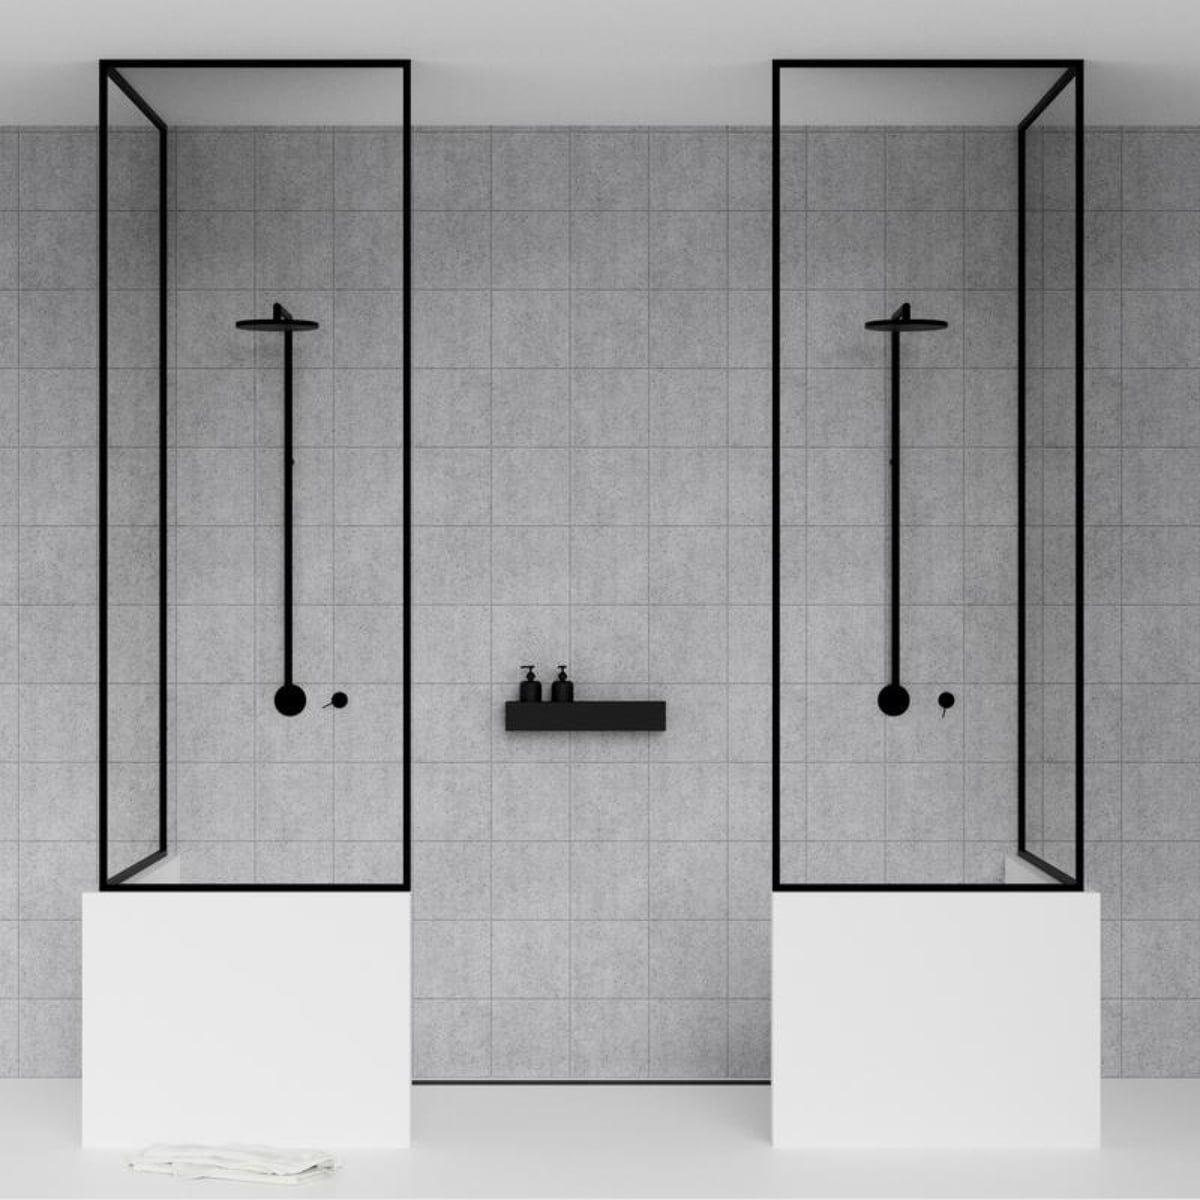 Wandablage Von Nichba Design Connox Bad Inspiration Dusche Ablage Dusche